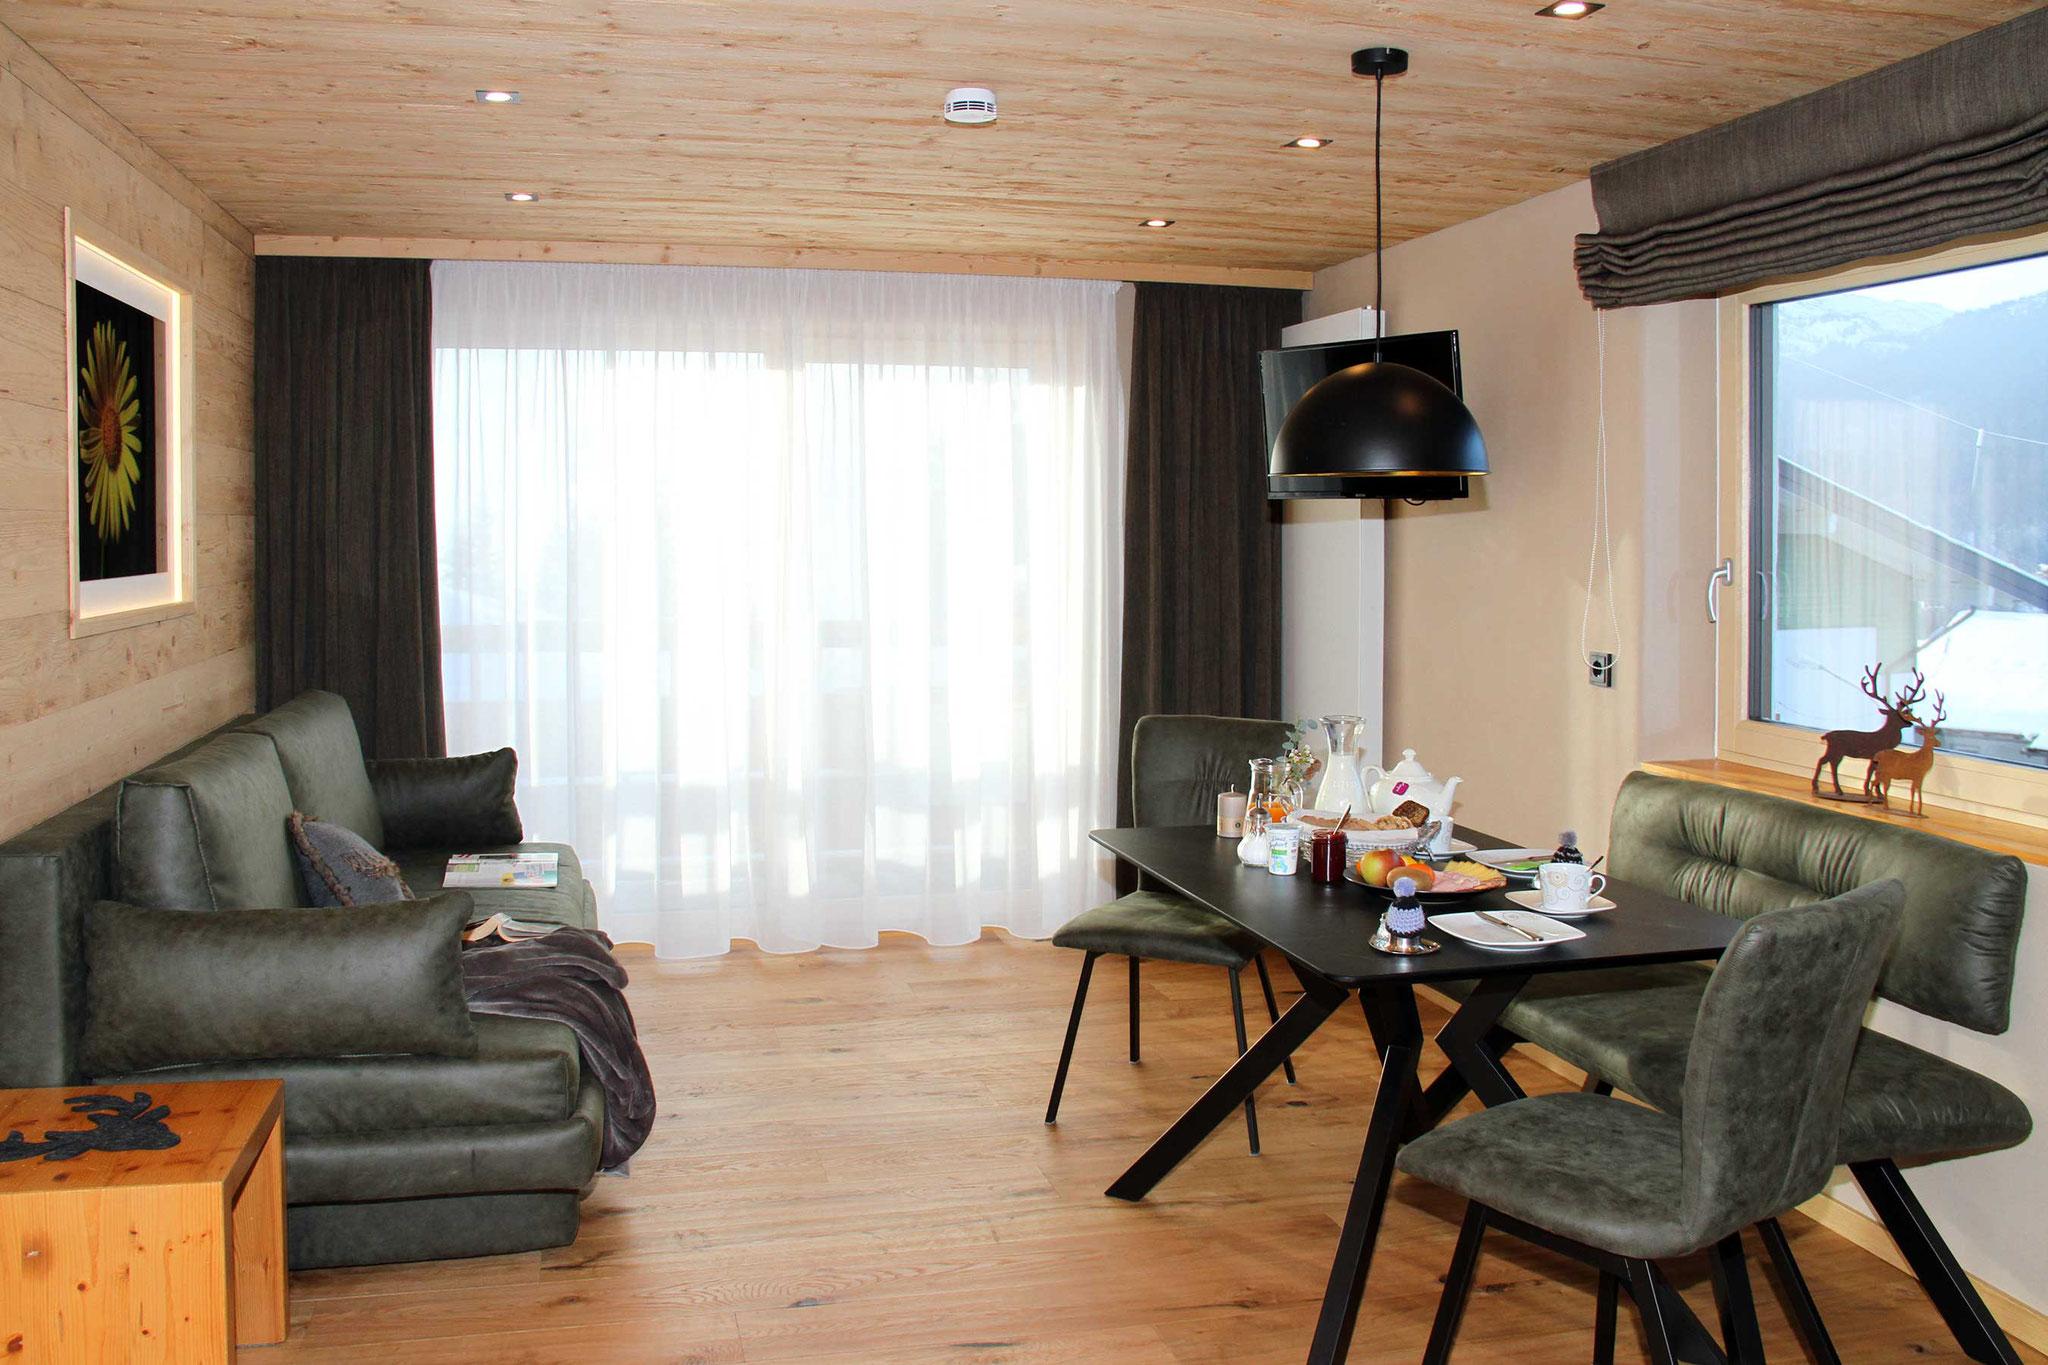 exklusive Ferienwohnung Wiesengrund, Kleinwalsertal, Gamswurz, Wohnzimmer